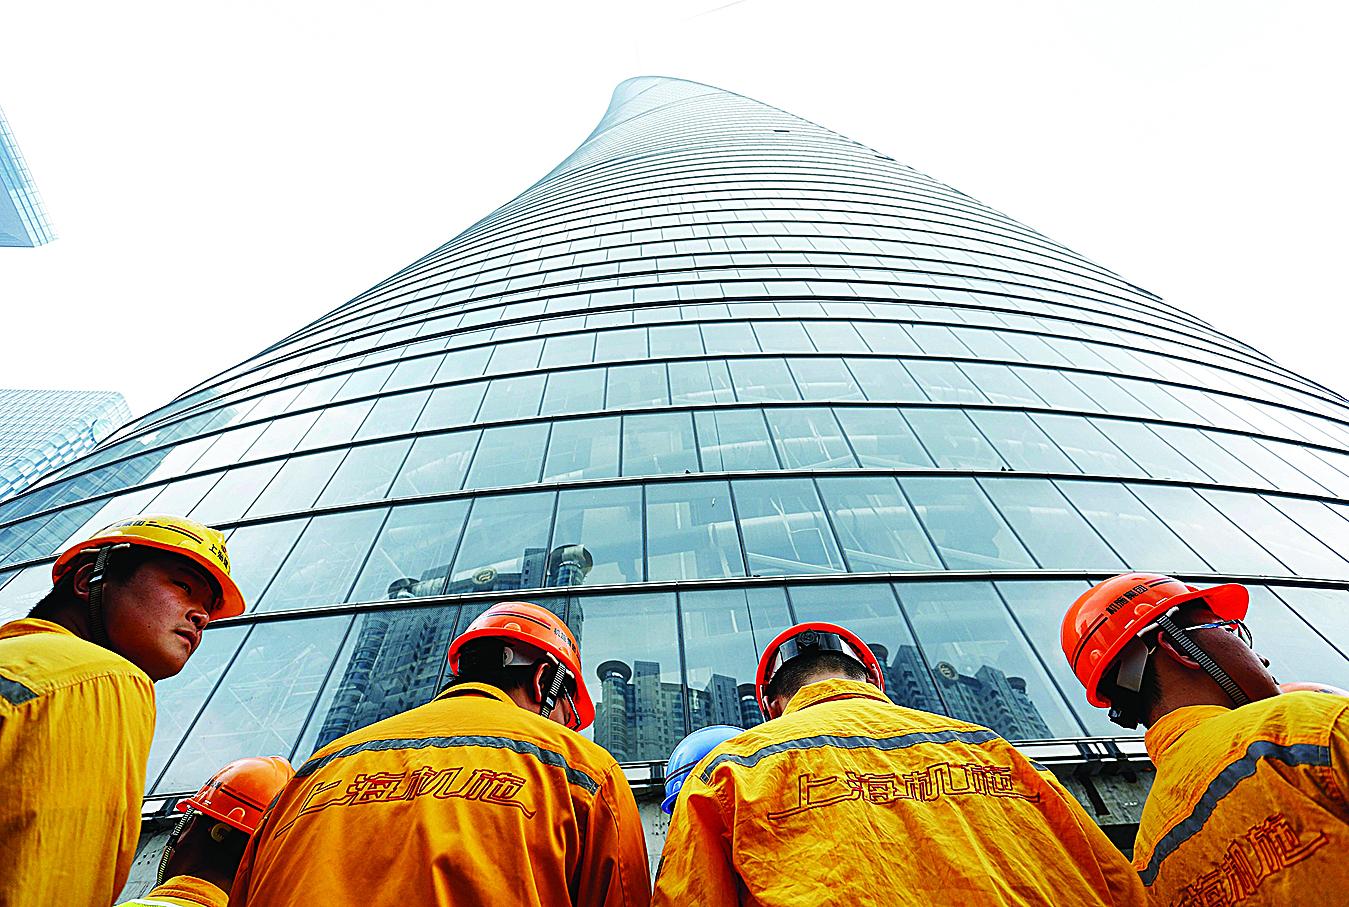 圖為工作中的上海國企建築工人。(Getty Images)